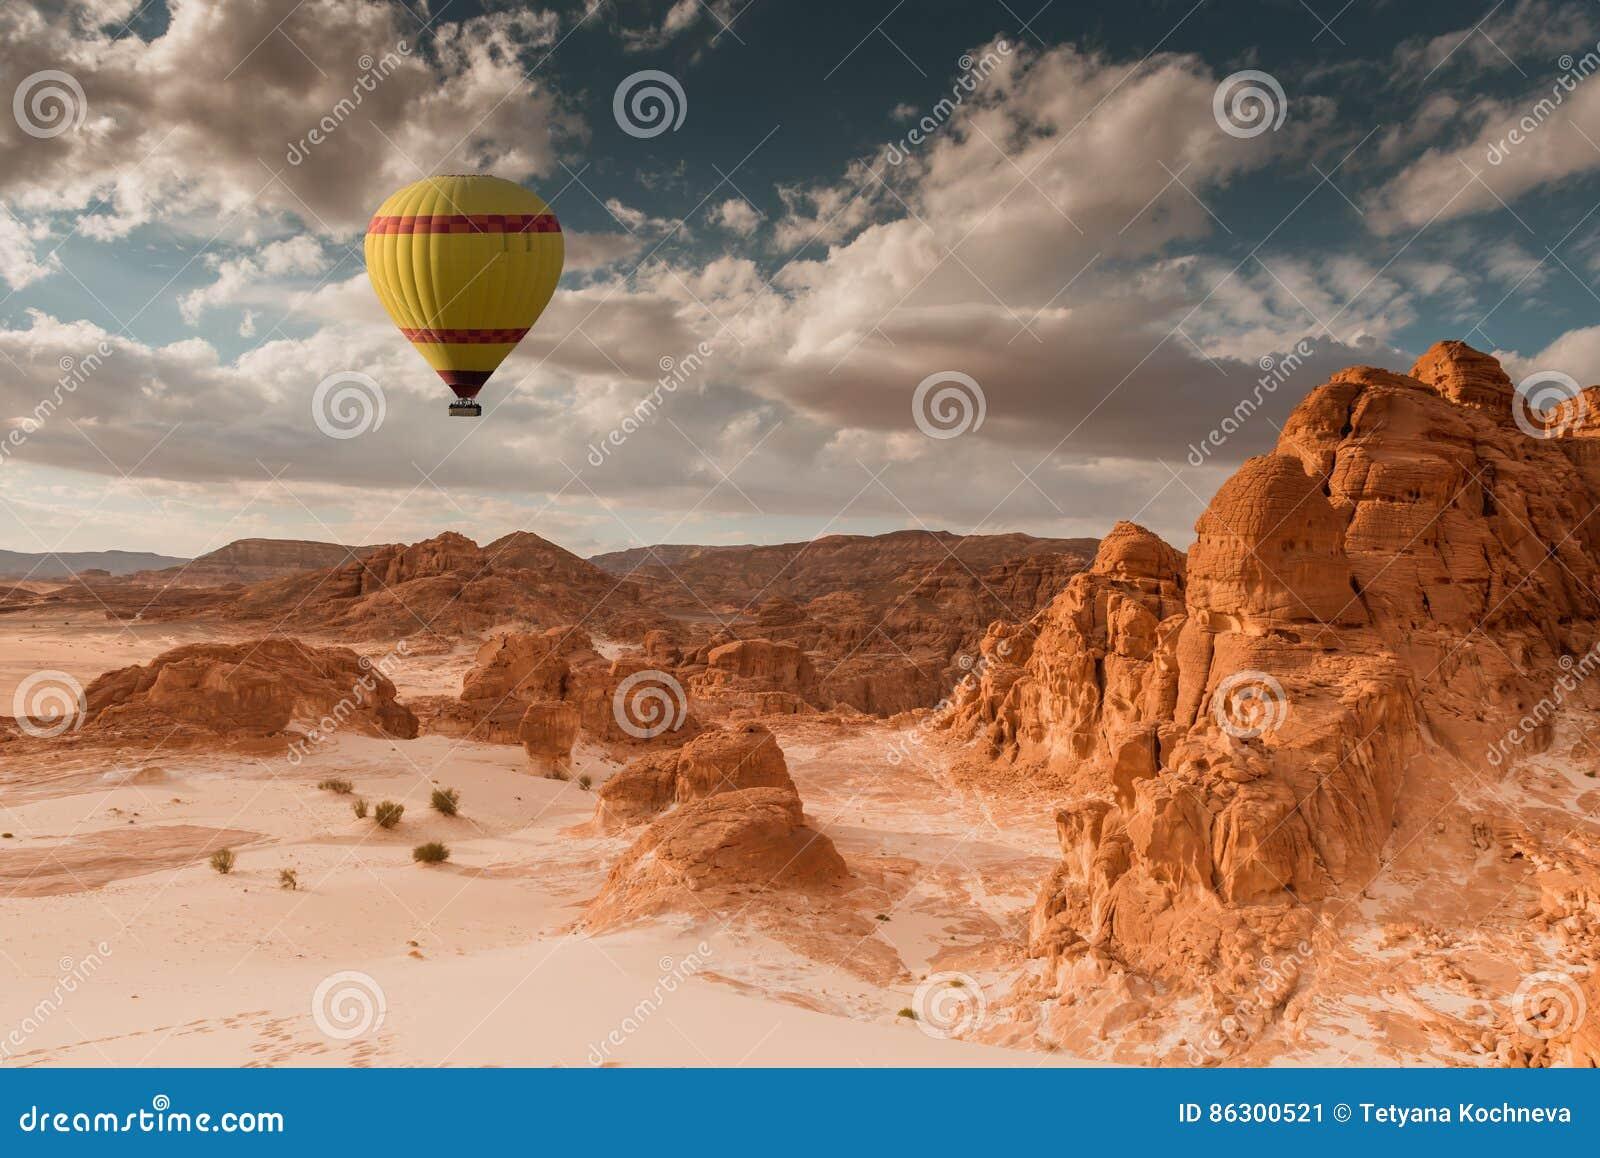 Viaje del globo del aire caliente sobre desierto